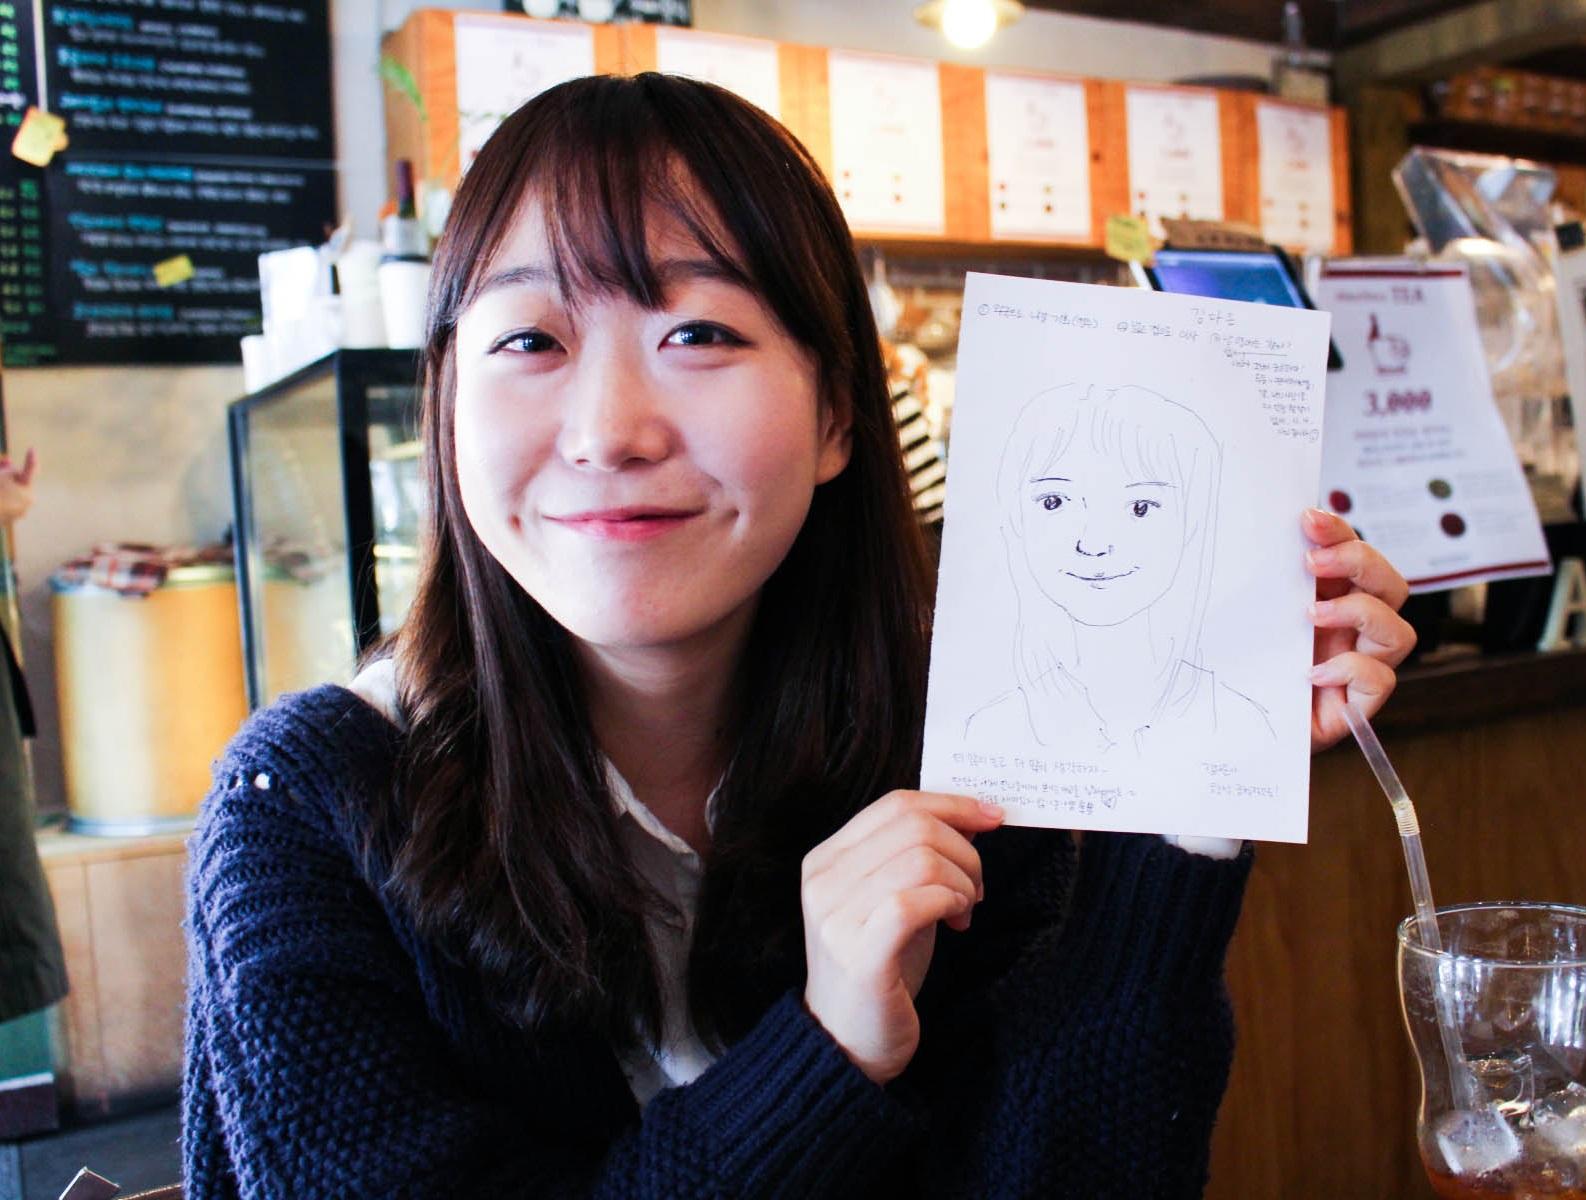 Daeun Kim